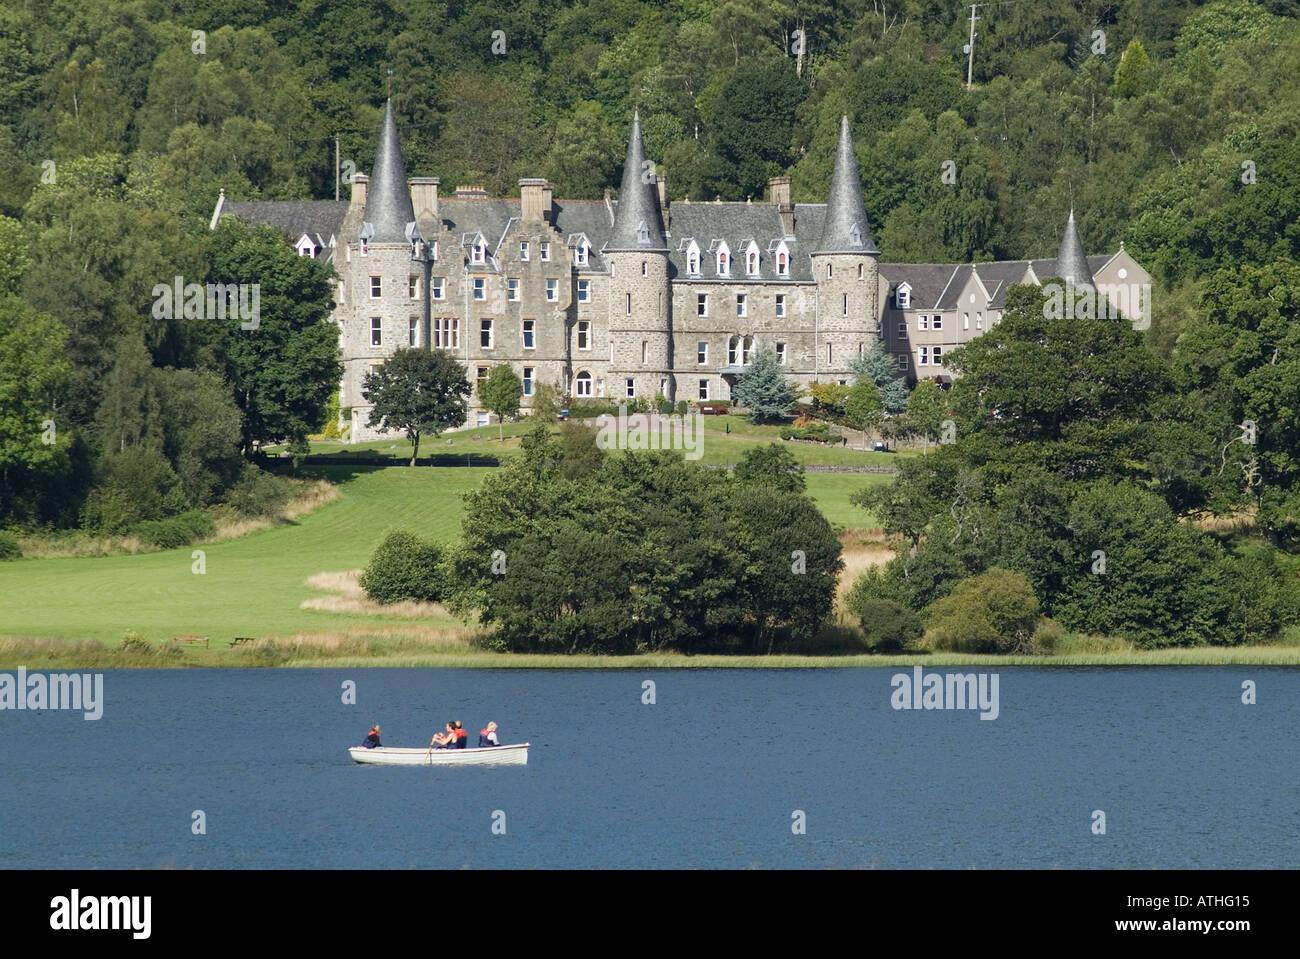 Dh Loch Achray Hotel Loch ACHRAY STIRLINGSHIRE Queen Elizabeth Forest Park y bote de remos Escocia verano multipropiedad Imagen De Stock